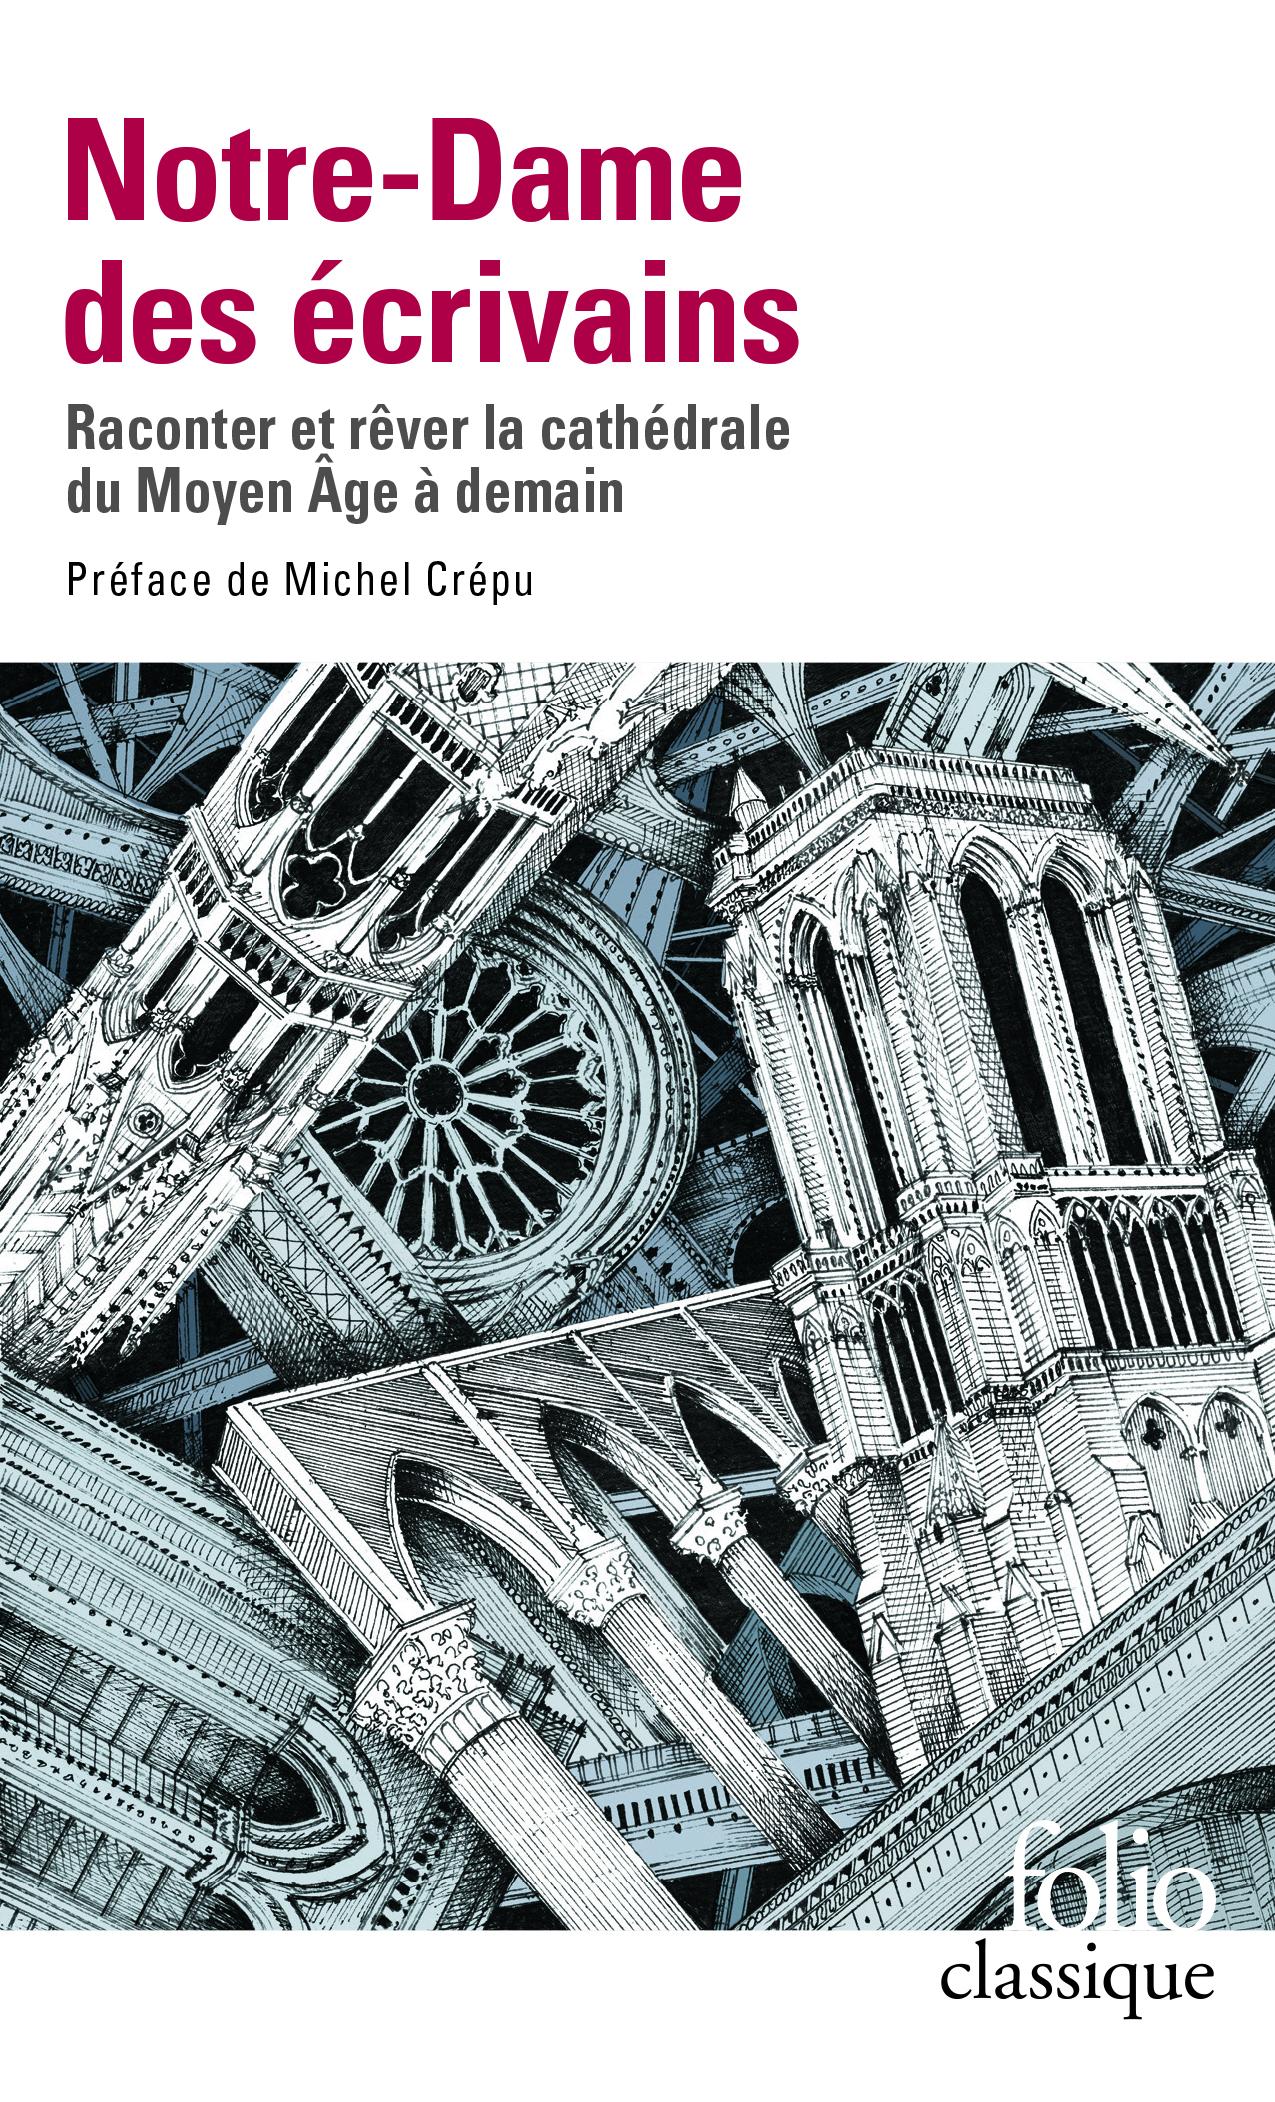 Notre-Dame des écrivains. Raconter et rêver la cathédrale du Moyen Âge à demain